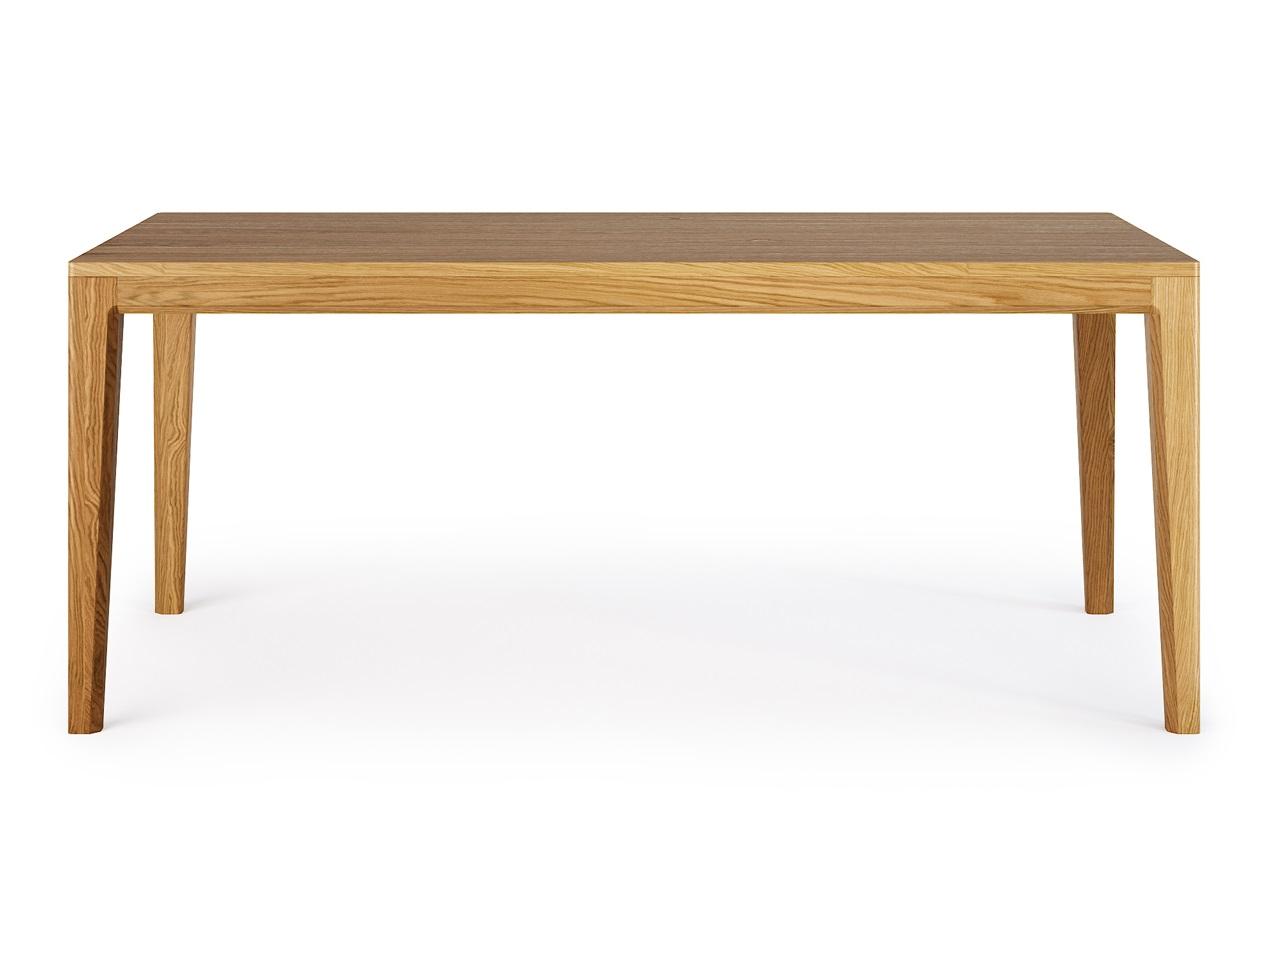 Стол MavisОбеденные столы<br>Обеденный стол MAVIS представляет собой безупречный дизайн, элегантность и универсальность. Благодаря своему внешнему минимализму MAVIS отлично впишется в интерьер кухни, столовой или офиса. Размеры стола рассчитаны на 6-8 персон.&amp;lt;div&amp;gt;&amp;lt;br&amp;gt;&amp;lt;/div&amp;gt;&amp;lt;div&amp;gt;Материал: массив дуба, МДФ, натуральный шпон дуба, лак&amp;lt;/div&amp;gt;<br><br>Material: Дуб<br>Ширина см: 180<br>Высота см: 75<br>Глубина см: 90